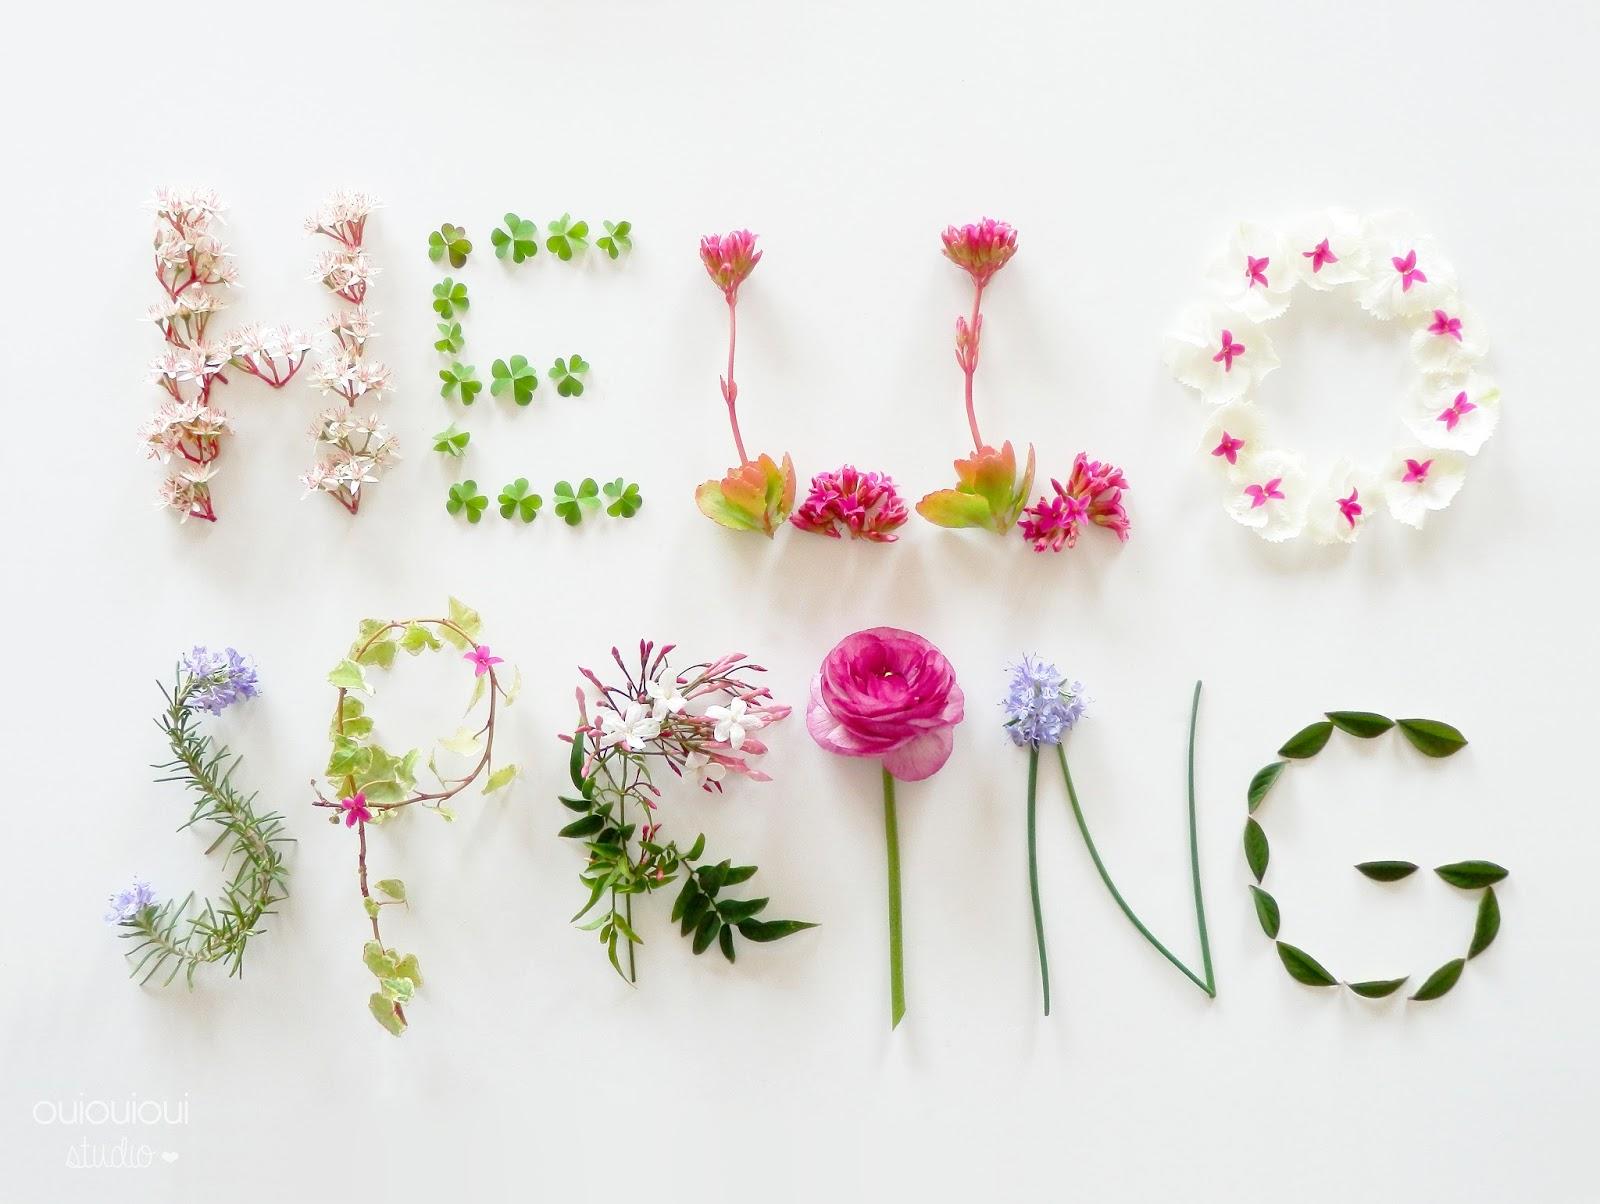 Springtime Specials | Munchwize Dietitians Cape Town